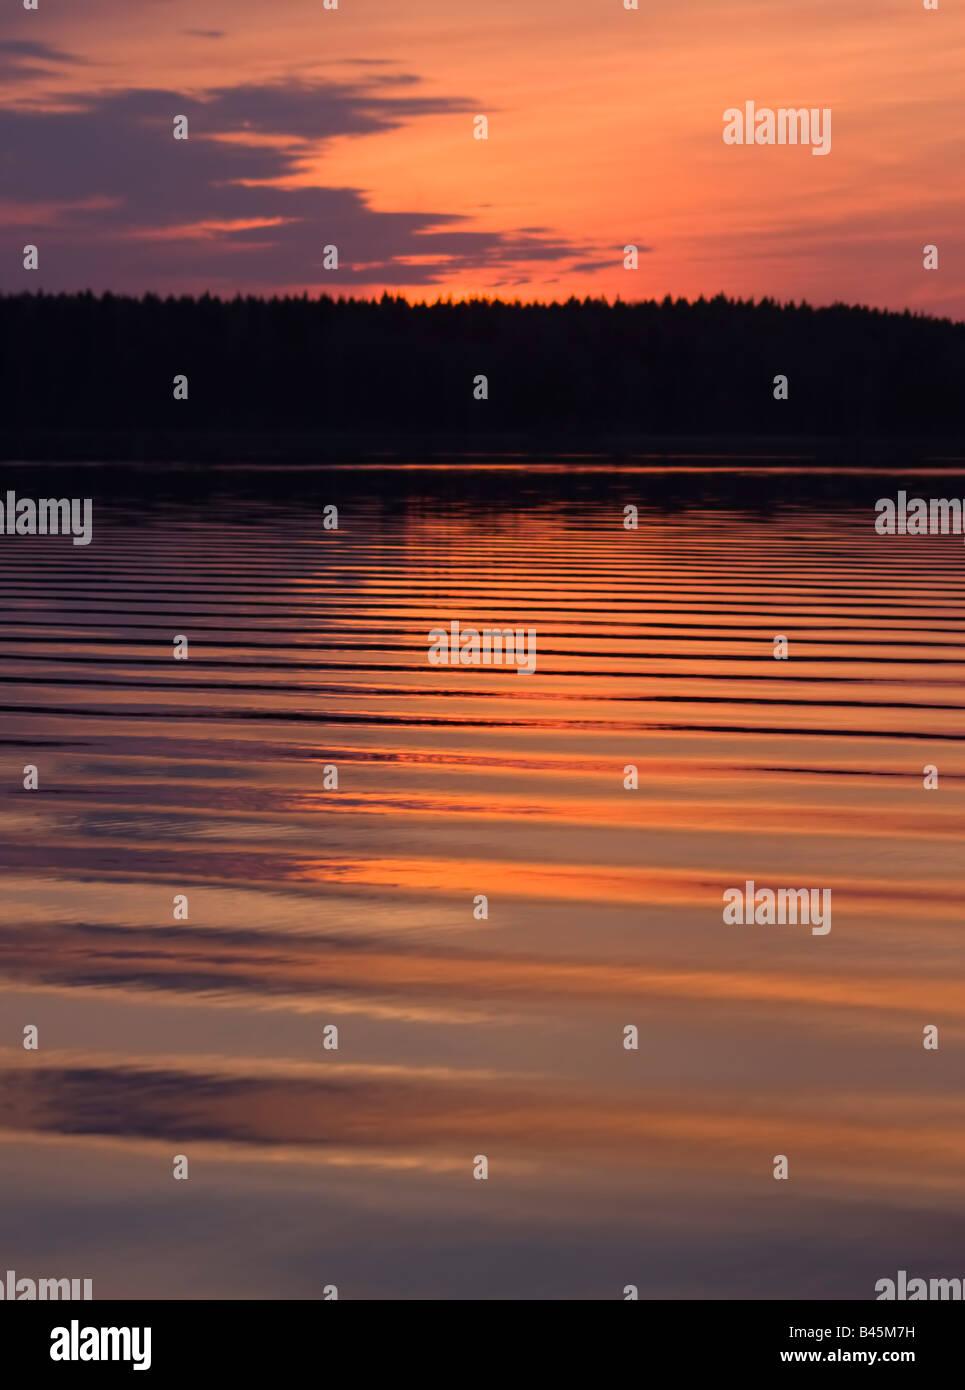 Abstraktion Bild: Wellen auf dem Wasser der ruhigen Waldsee im Sonnenuntergang Hintergrund weiße Nacht Stockbild